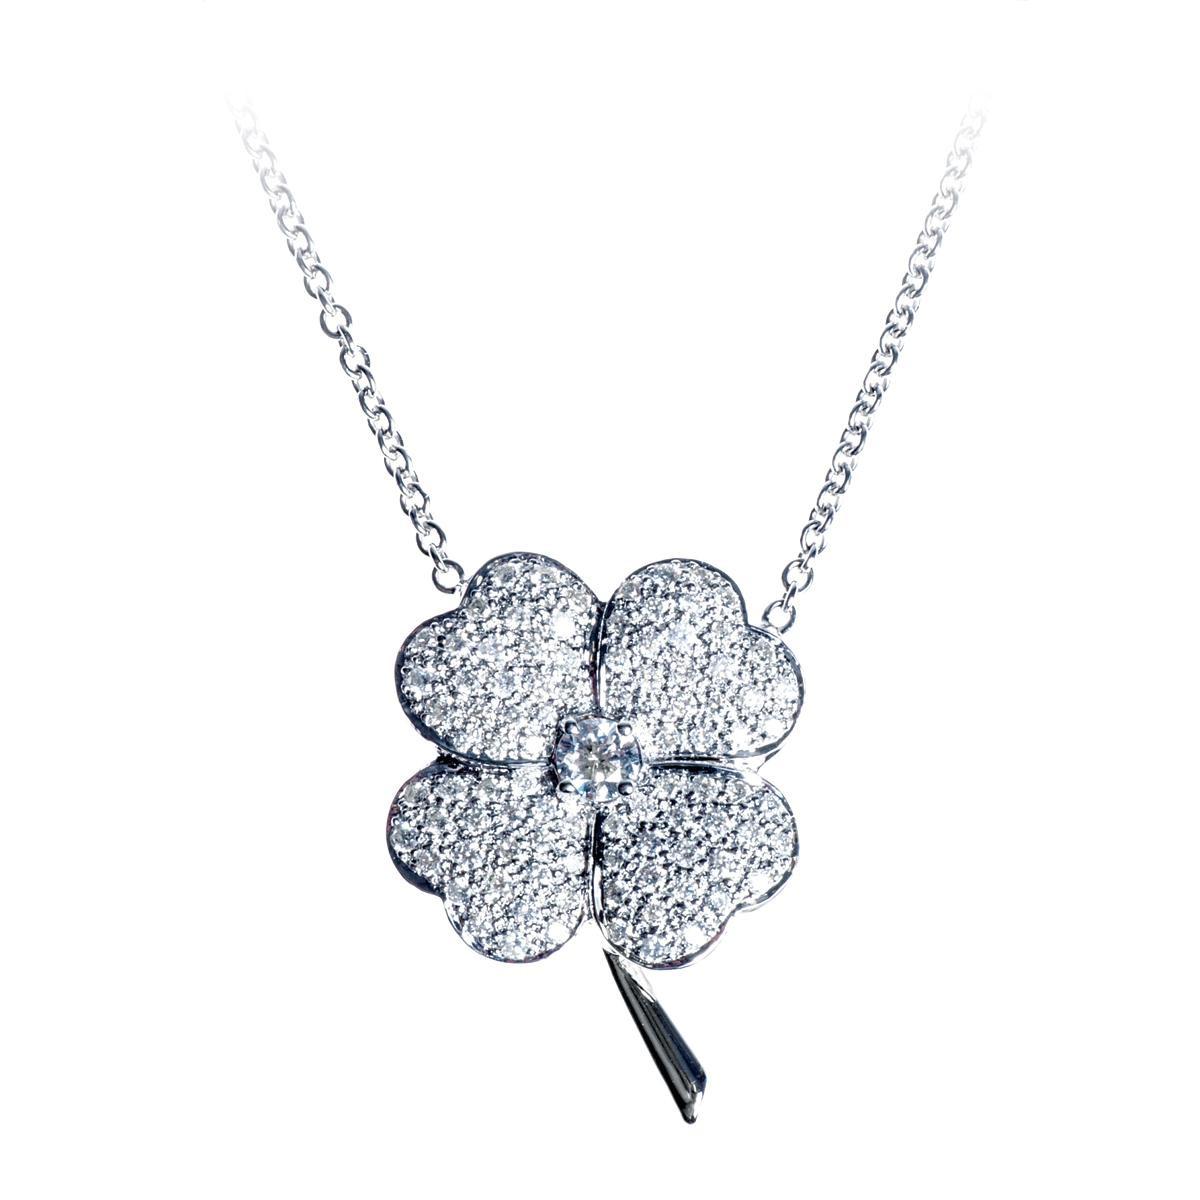 New 1.36 CTW Diamond Clover Pendant